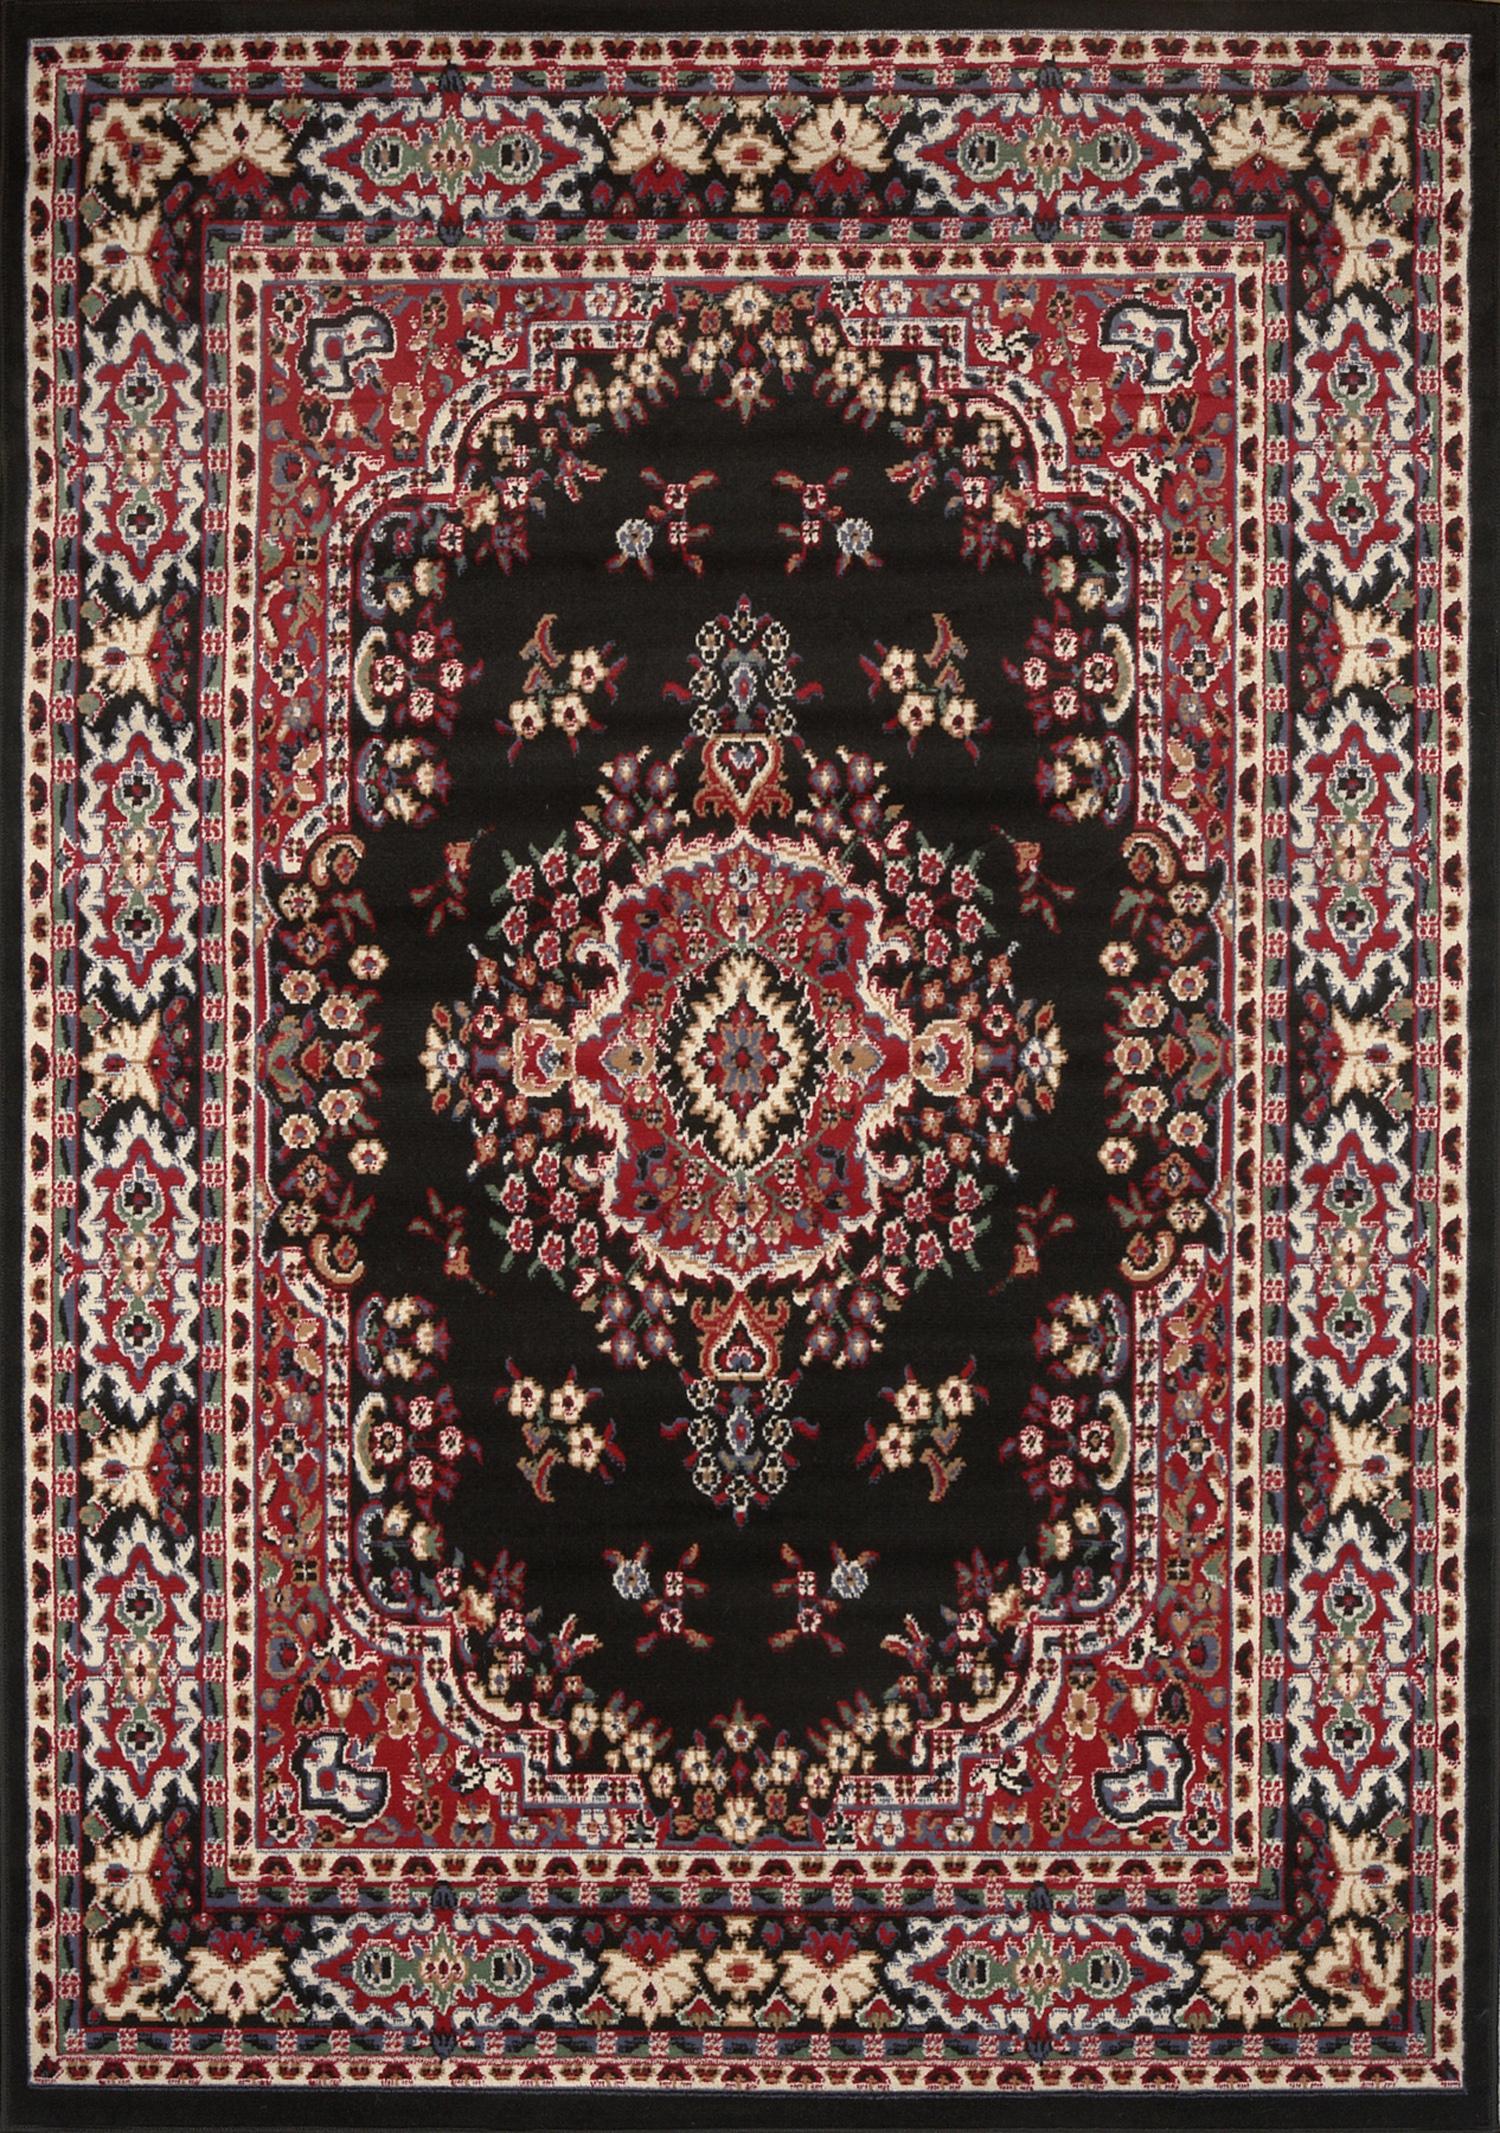 Traditional-Oriental-Medallion-Area-Rug-Persian-Style-Carpet-Runner-Mat-AllSizes thumbnail 5